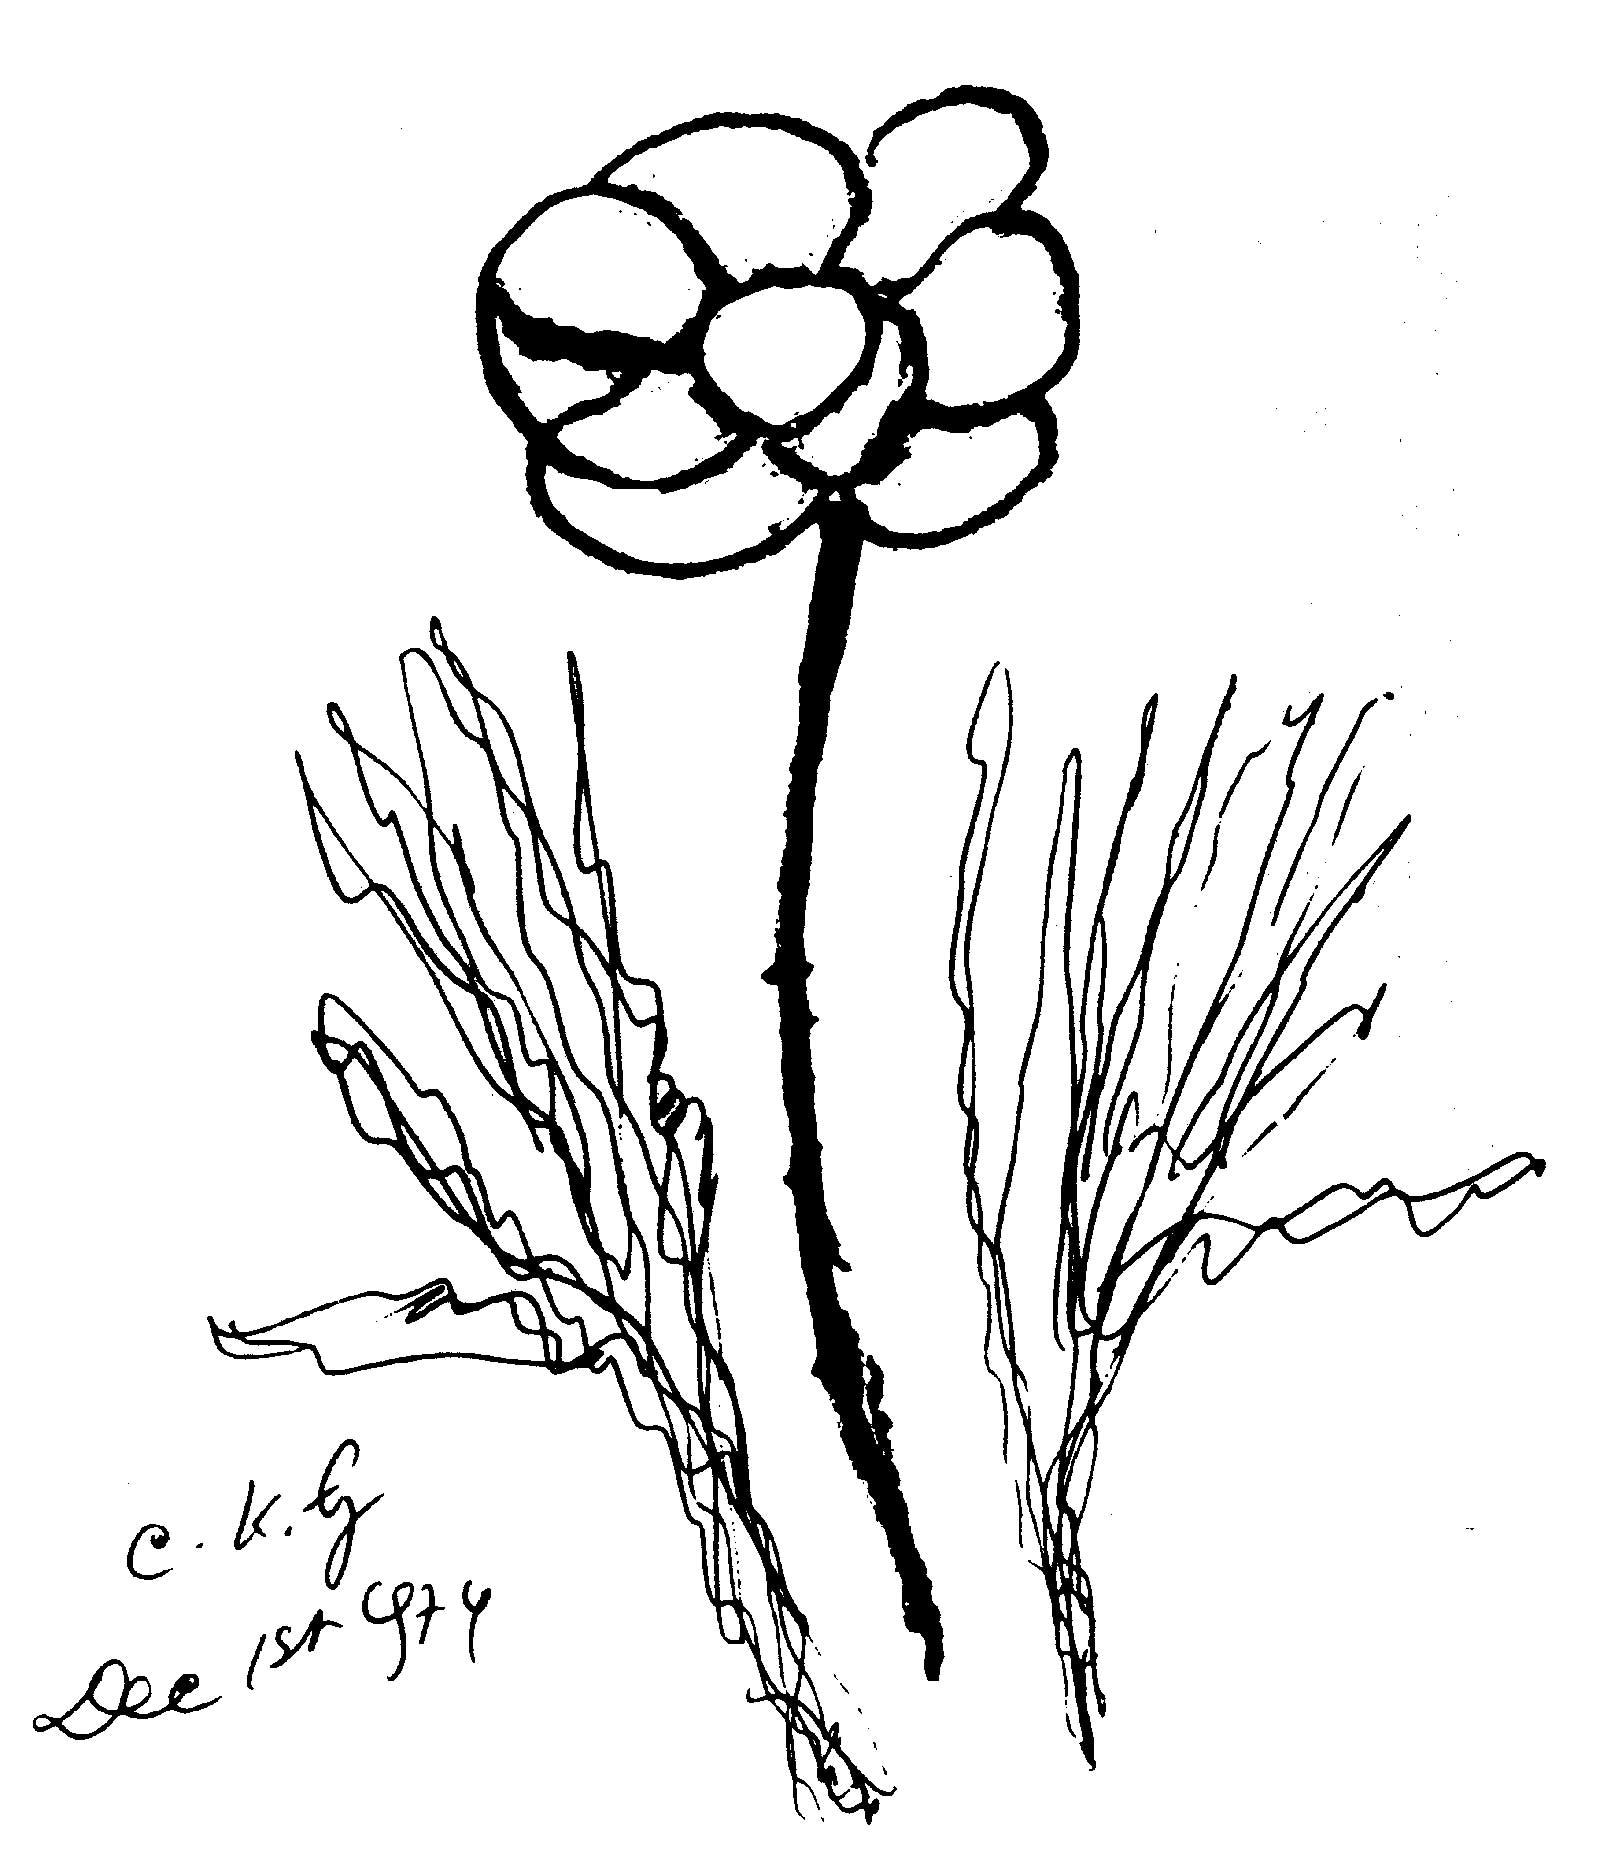 Flower-ckg-1-12-1974